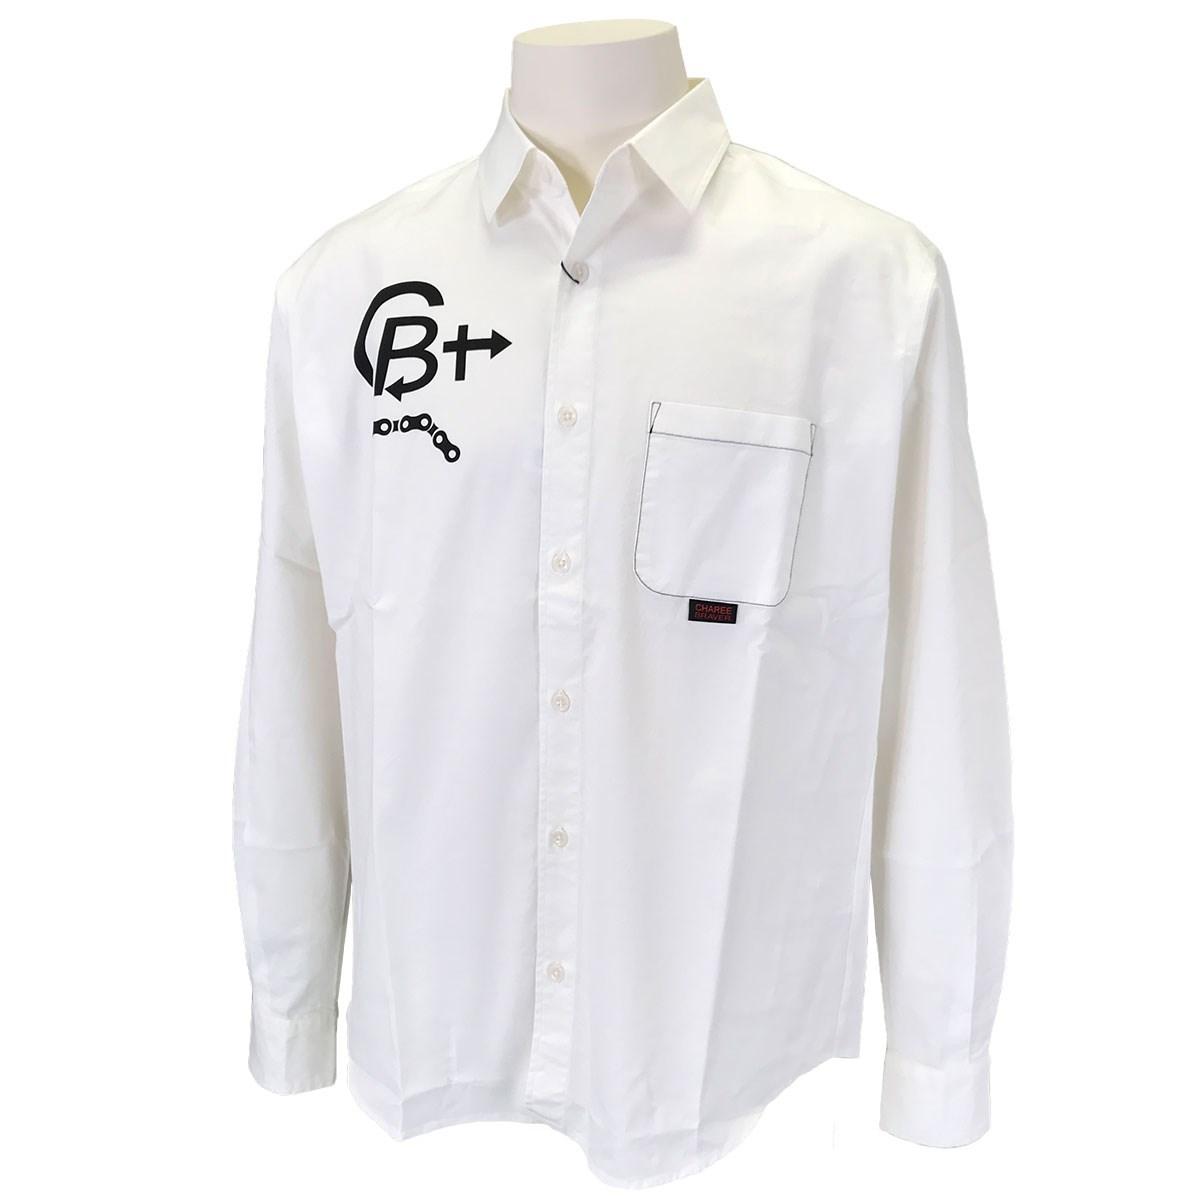 チャーリーブレイバー Charee Braver ストレッチロゴプリントレギュラーカラー 長袖シャツ L(3) ホワイト